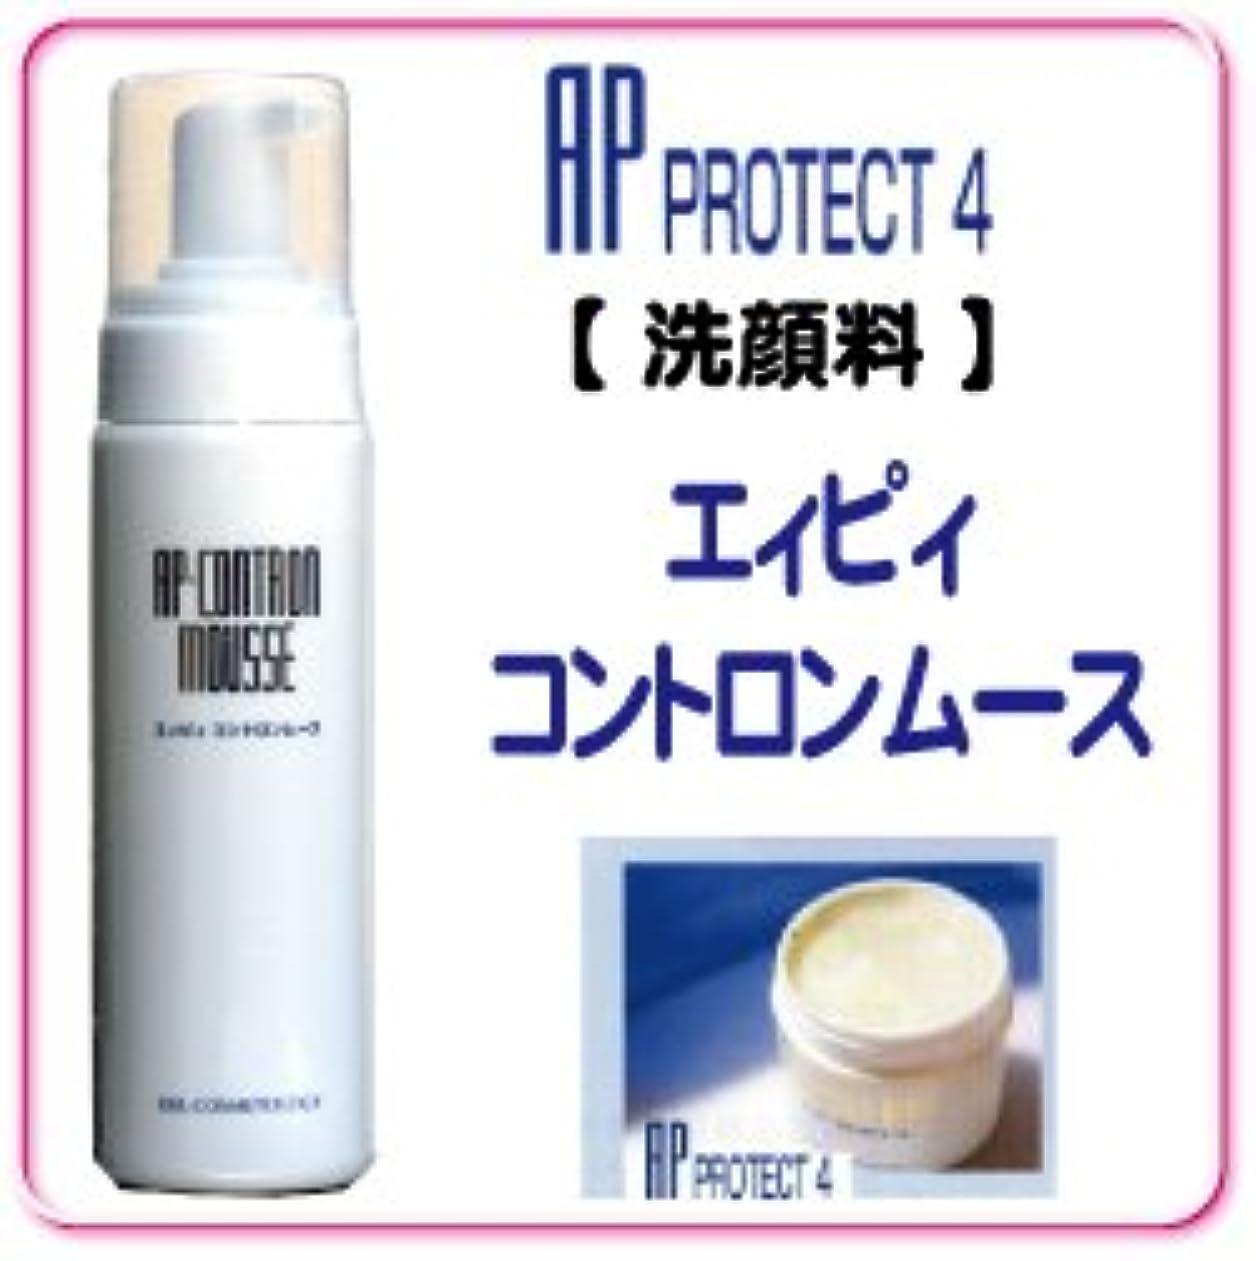 怖がって死ぬ枯渇する中毒ベルマン化粧品 APprotectシリーズ  コントロンムース  洗顔フォーム 200ml